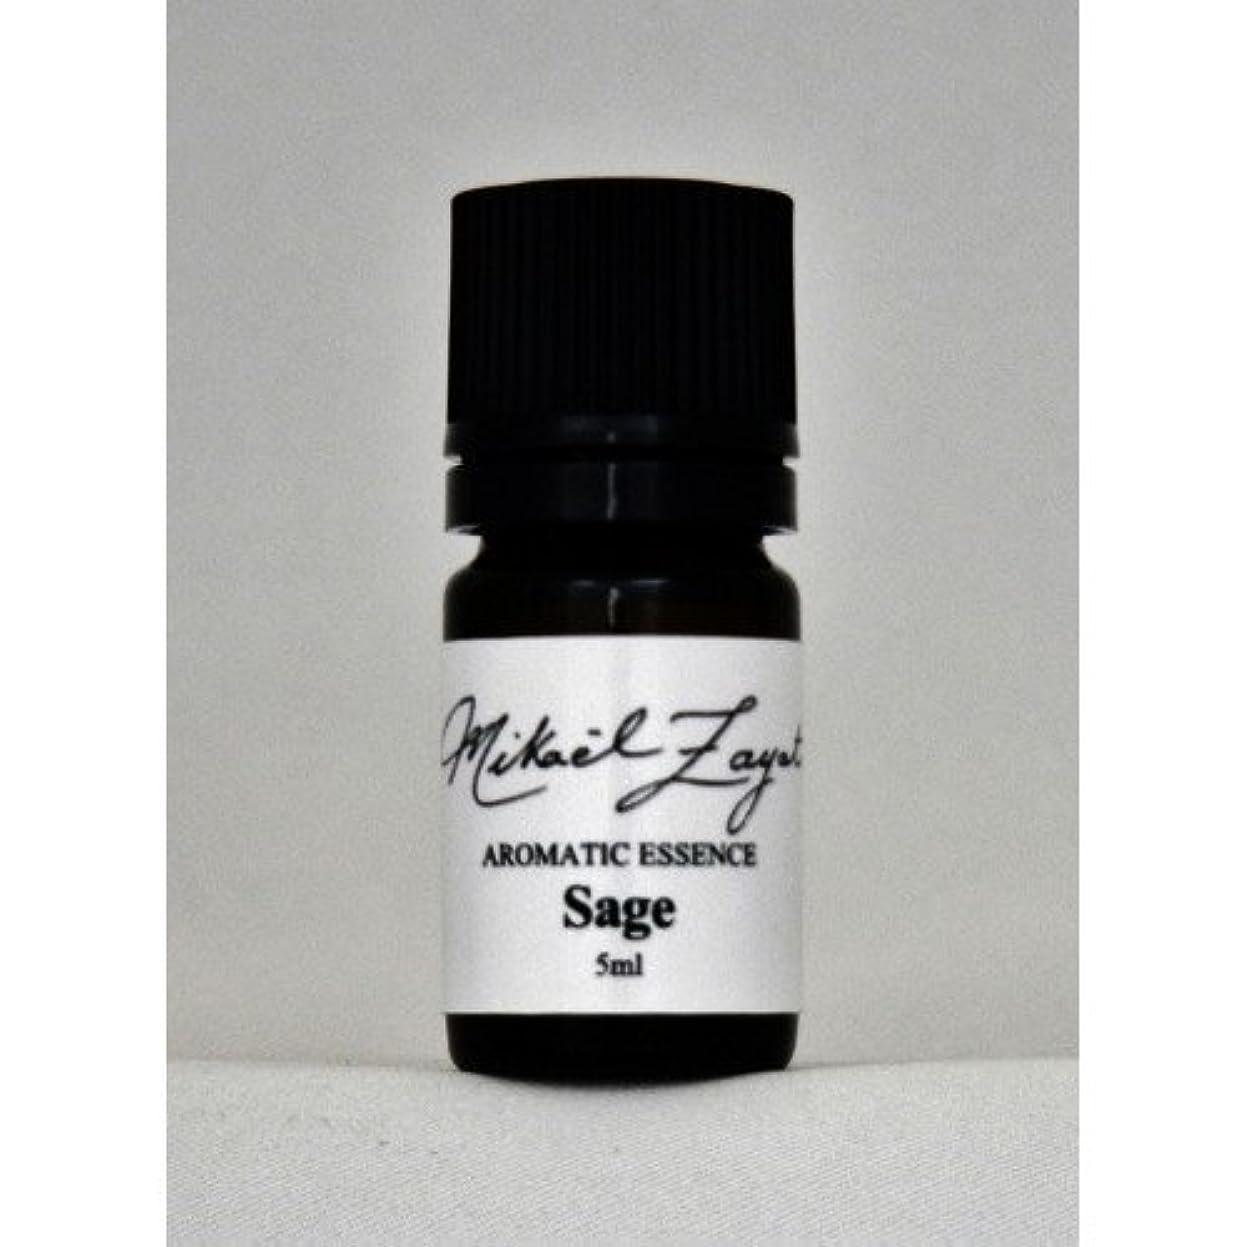 アセ合わせて窒息させる【日本総販売店】セージ Sage 5ml ミカエルザヤットジャパン公式オンラインショップ